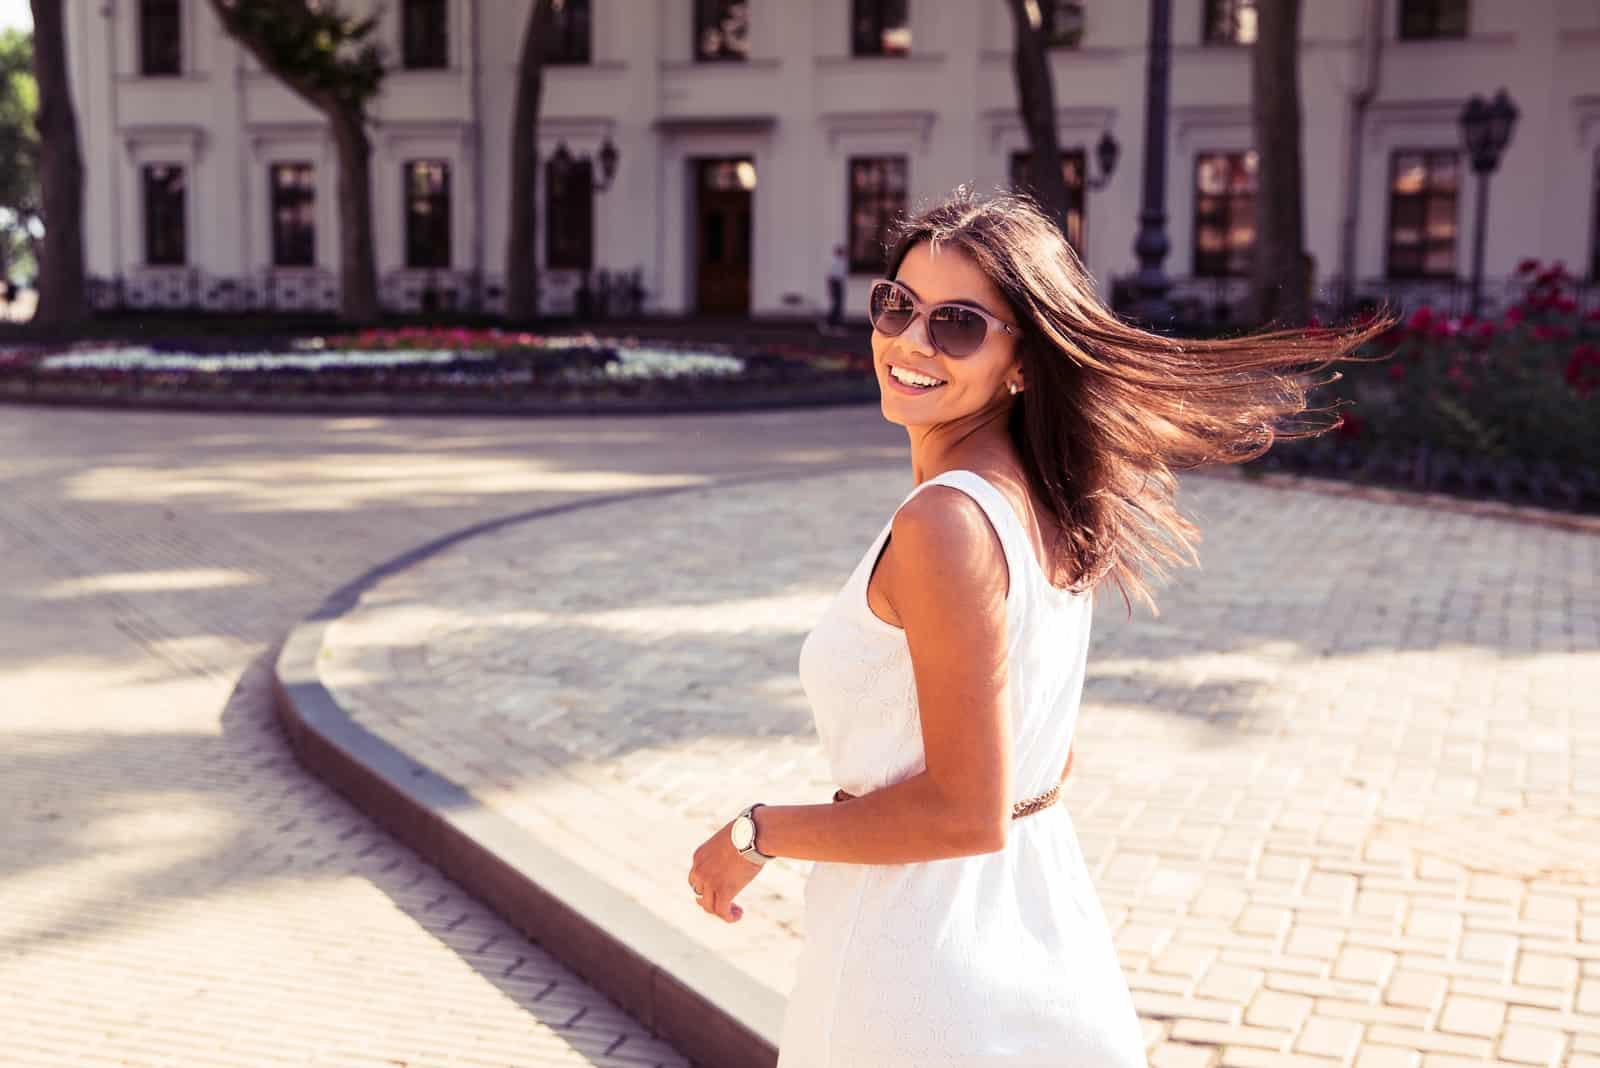 une femme souriante marche dans la rue